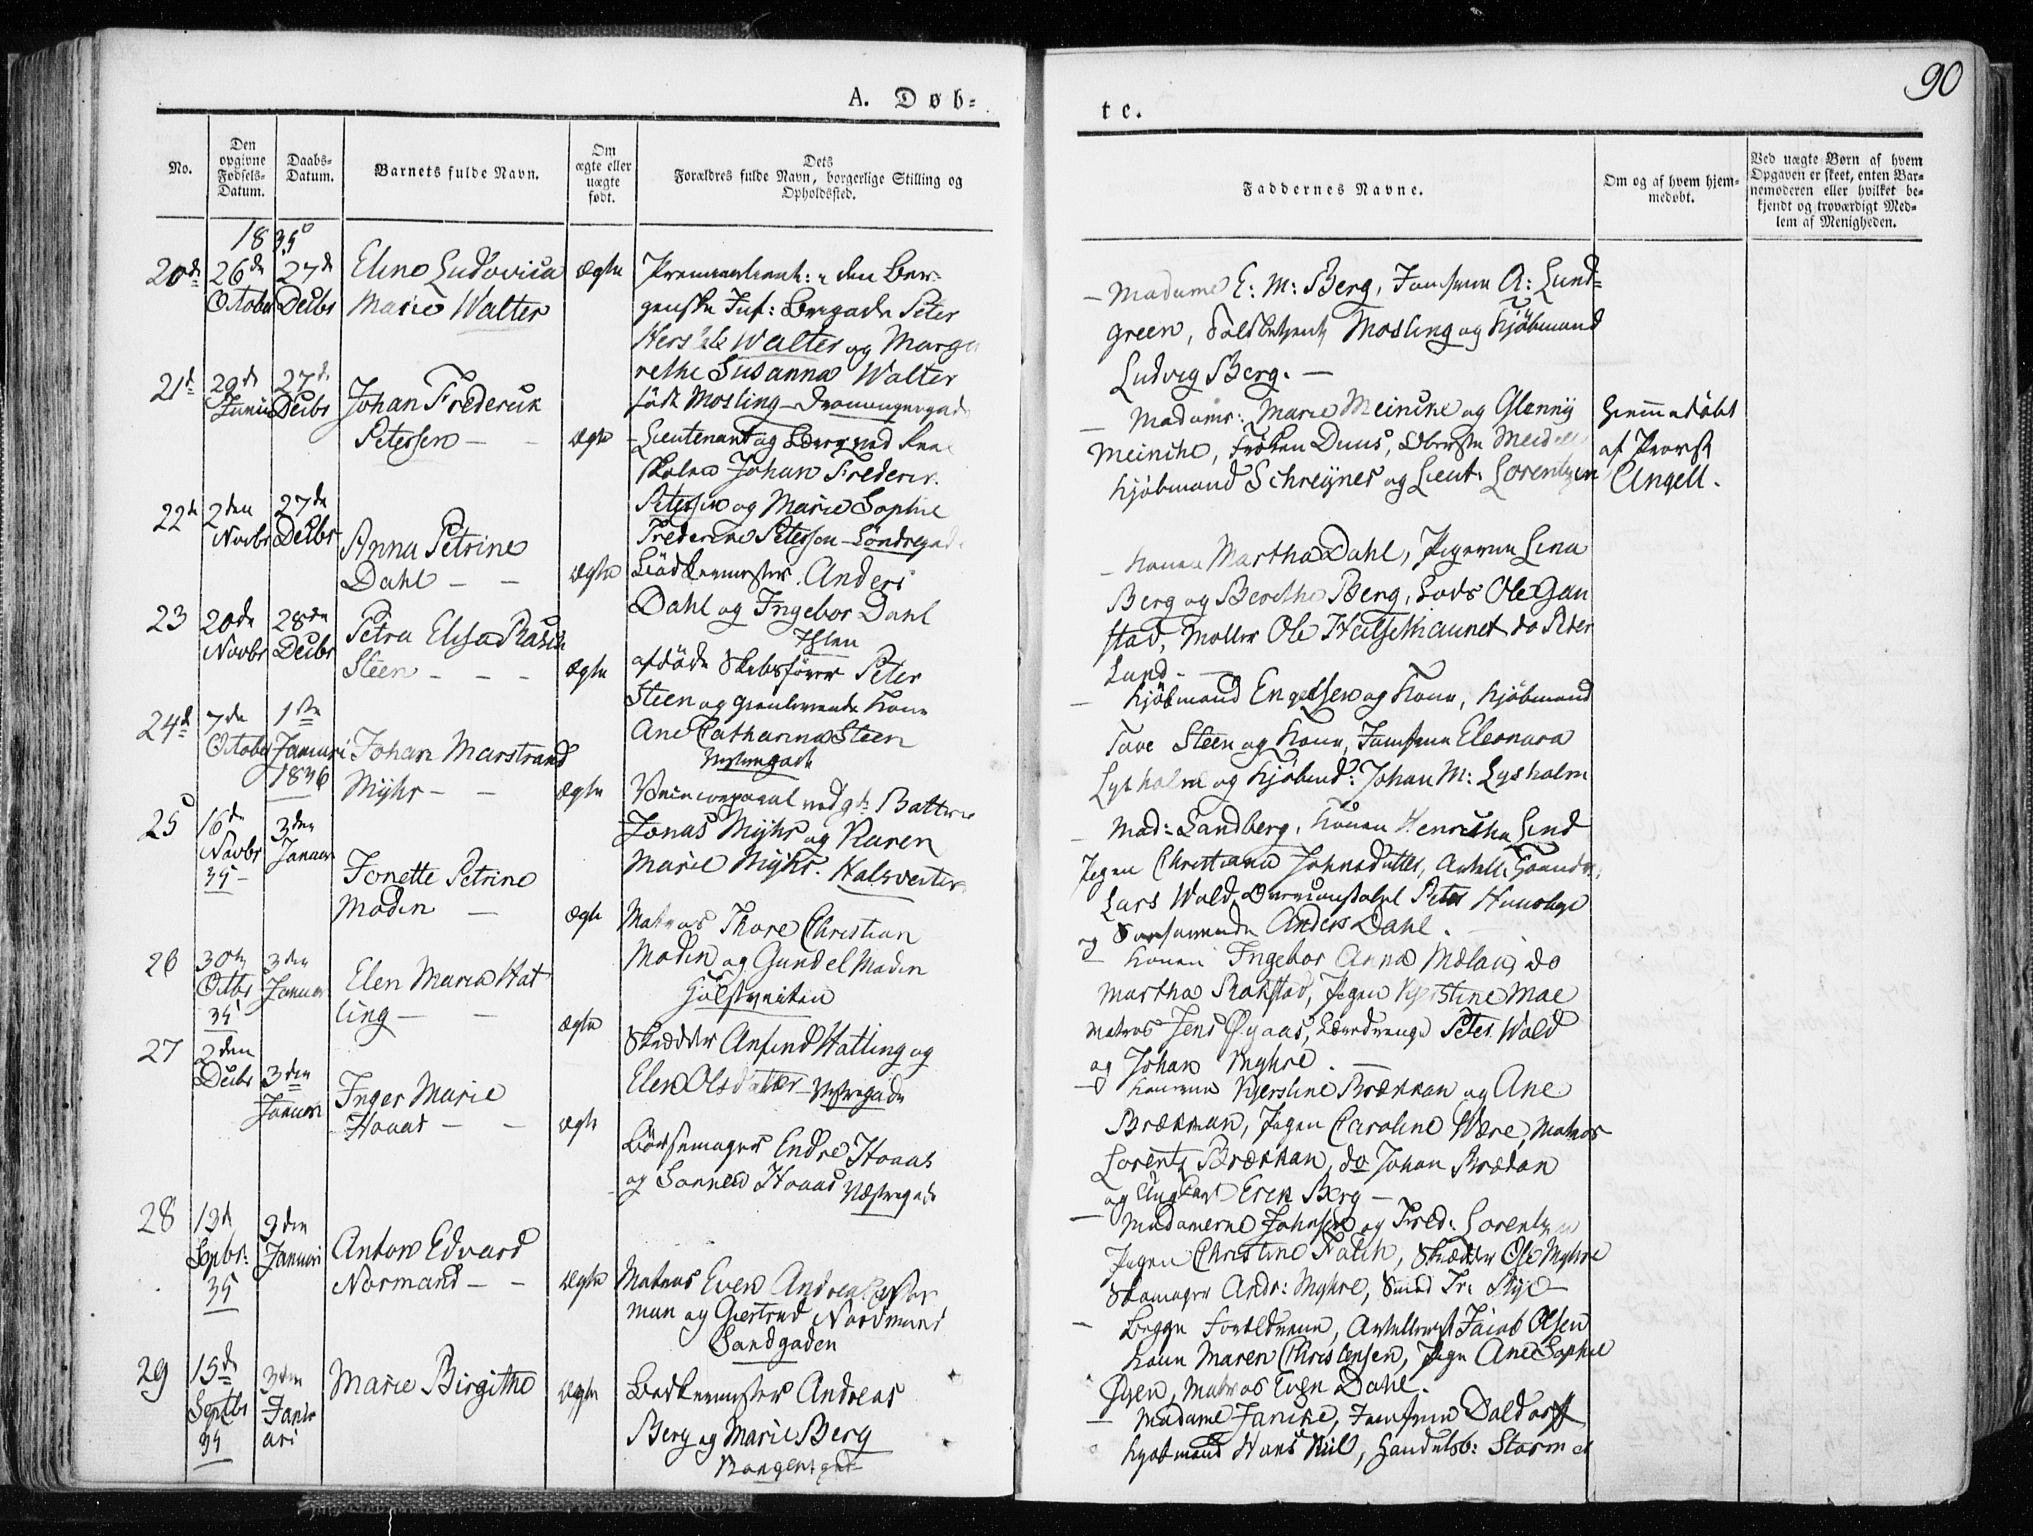 SAT, Ministerialprotokoller, klokkerbøker og fødselsregistre - Sør-Trøndelag, 601/L0047: Ministerialbok nr. 601A15, 1831-1839, s. 90